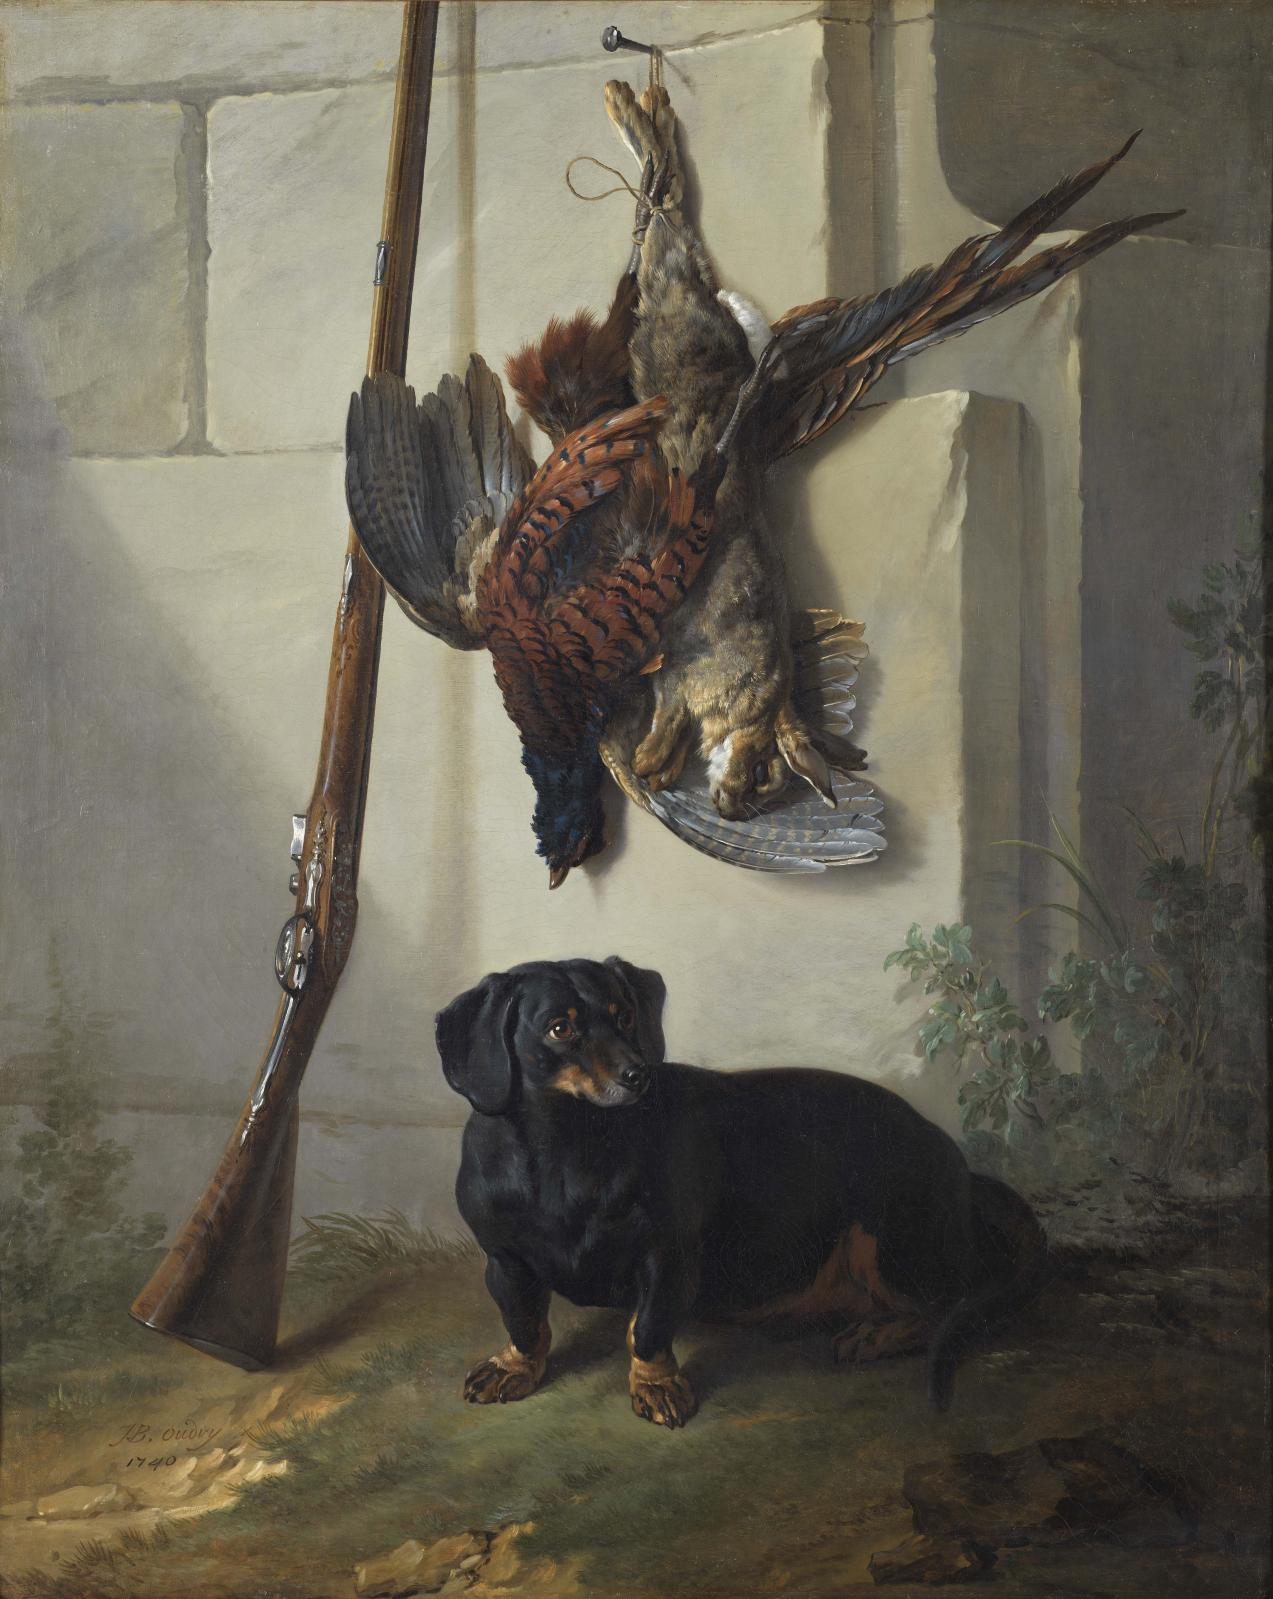 Jean-Baptiste Oudry (1686-1755), «Pehr» le basset de Tessin, gibier mort et fusil, Nationalmuseum, Stockholm.